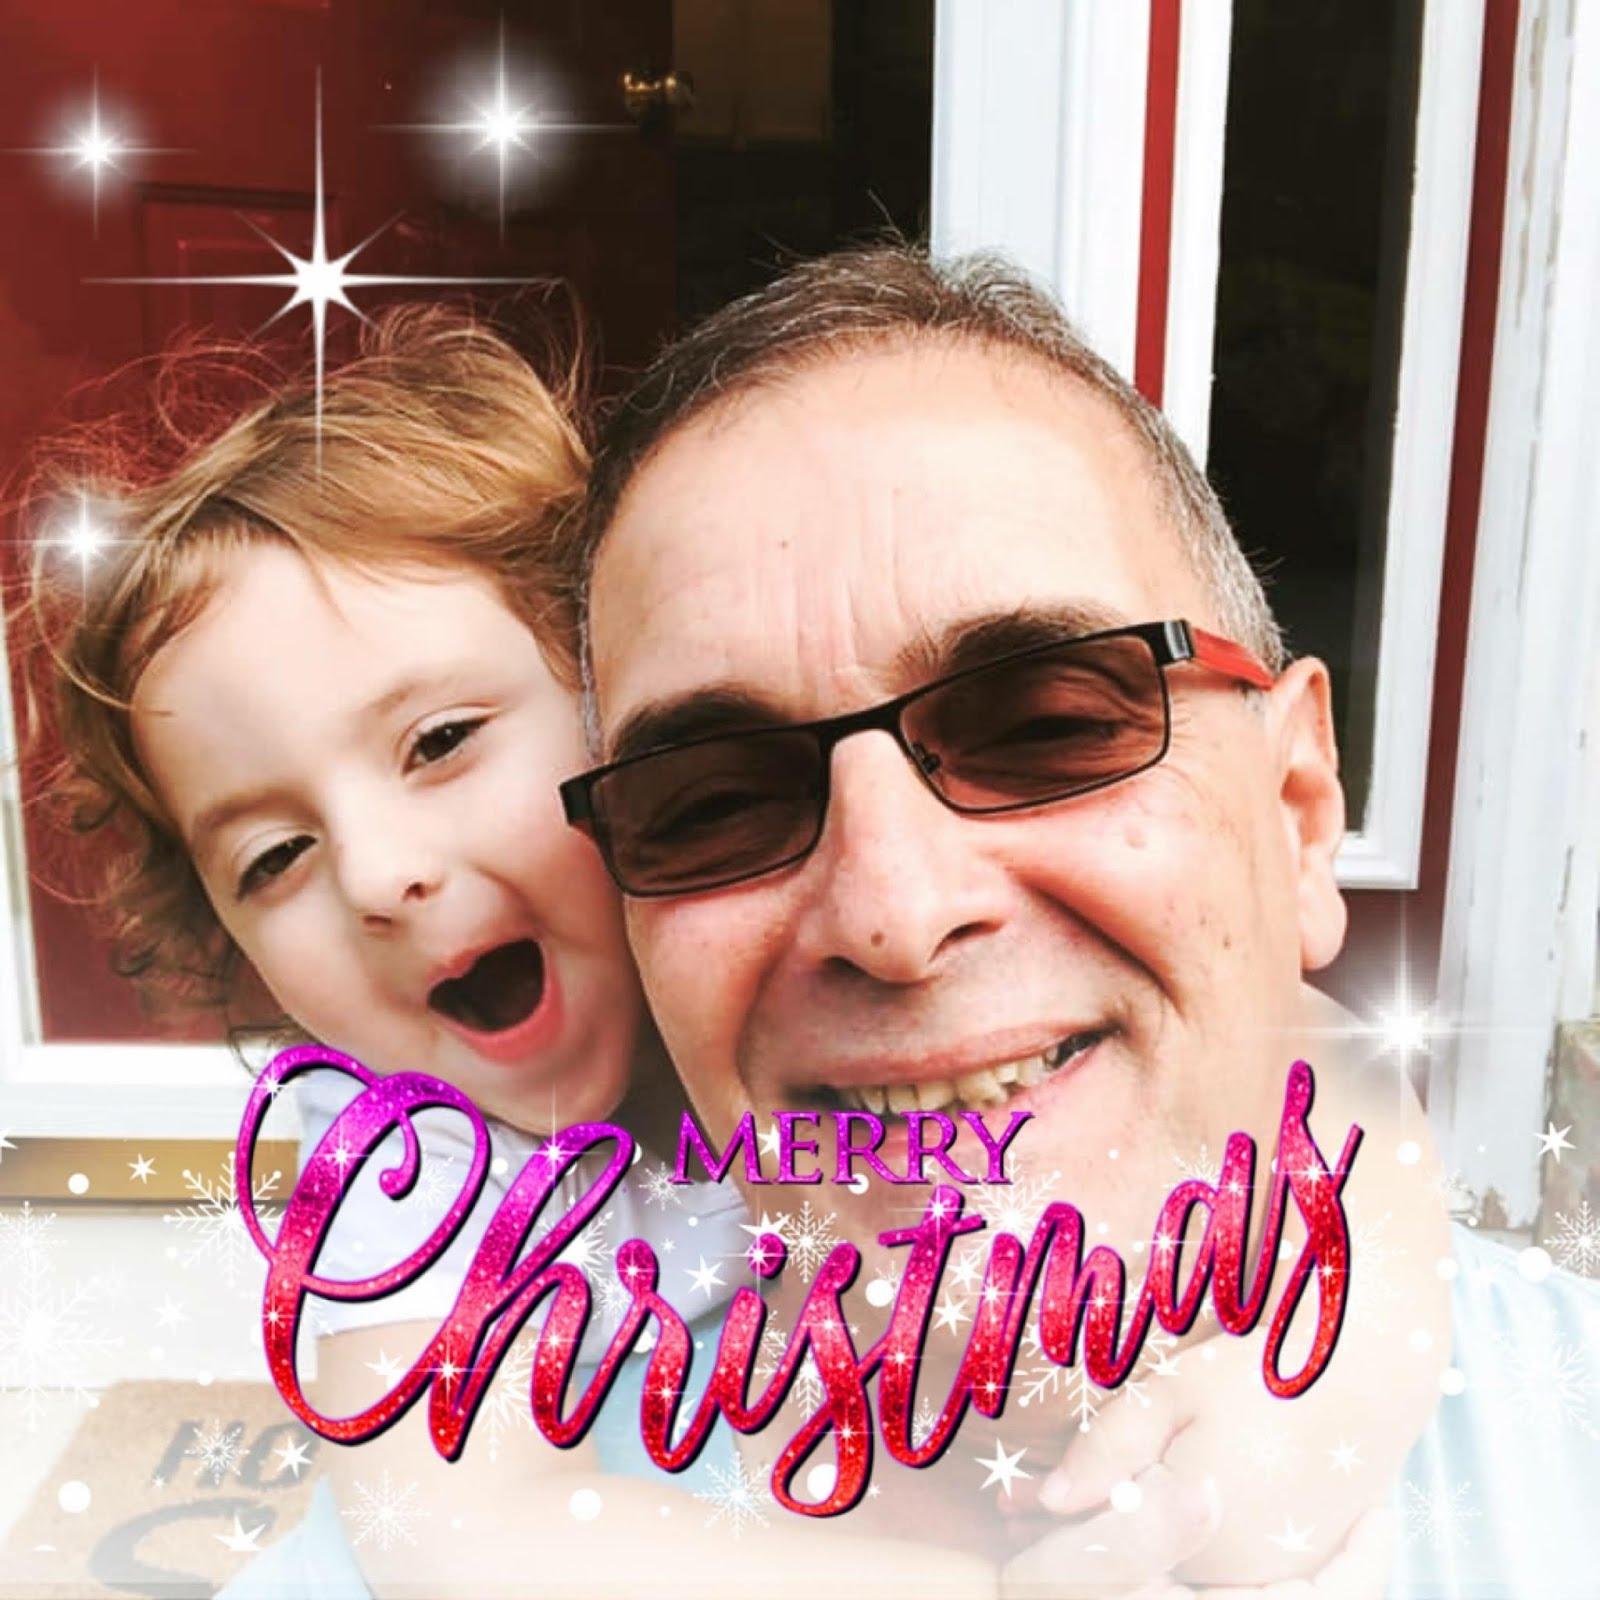 Feliz Natal a todos amigos do Buteco.